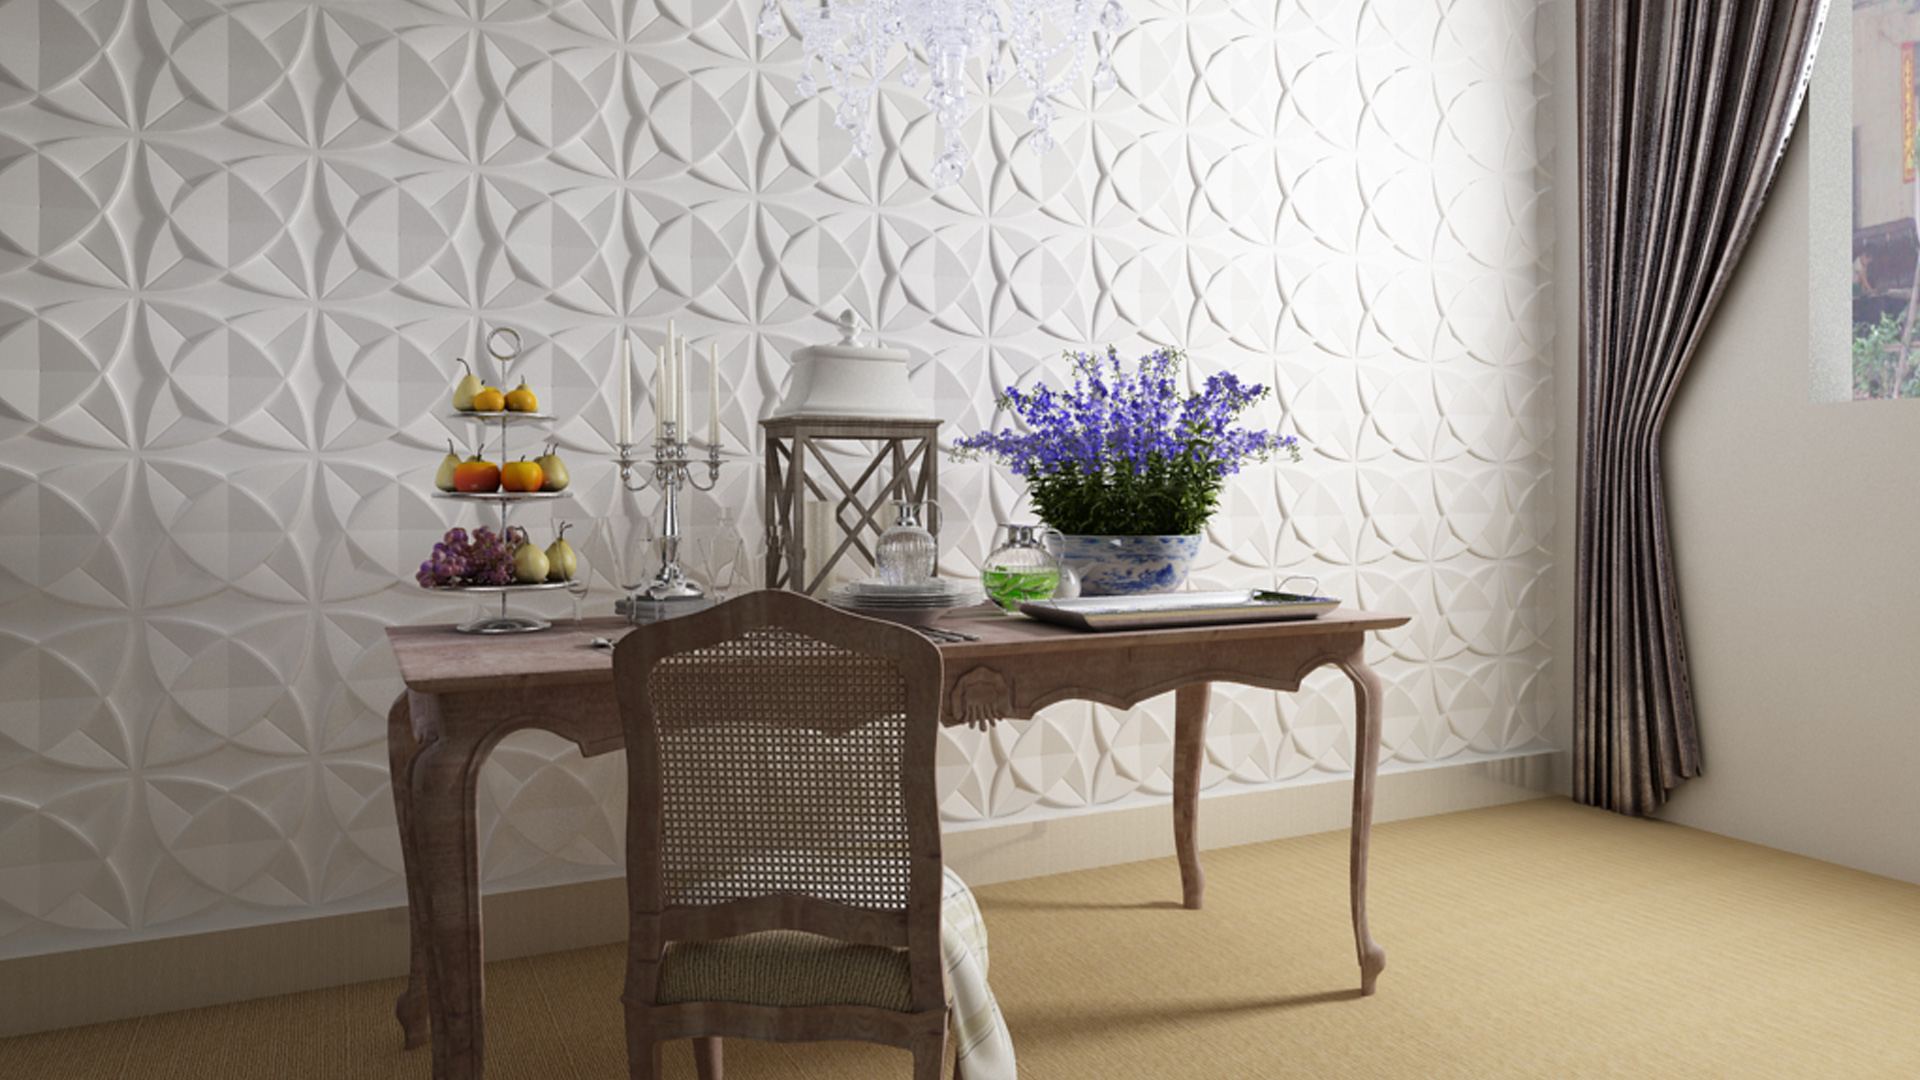 Küche und Esszimmer • 3D Wandpaneele | Deckenpaneele ...